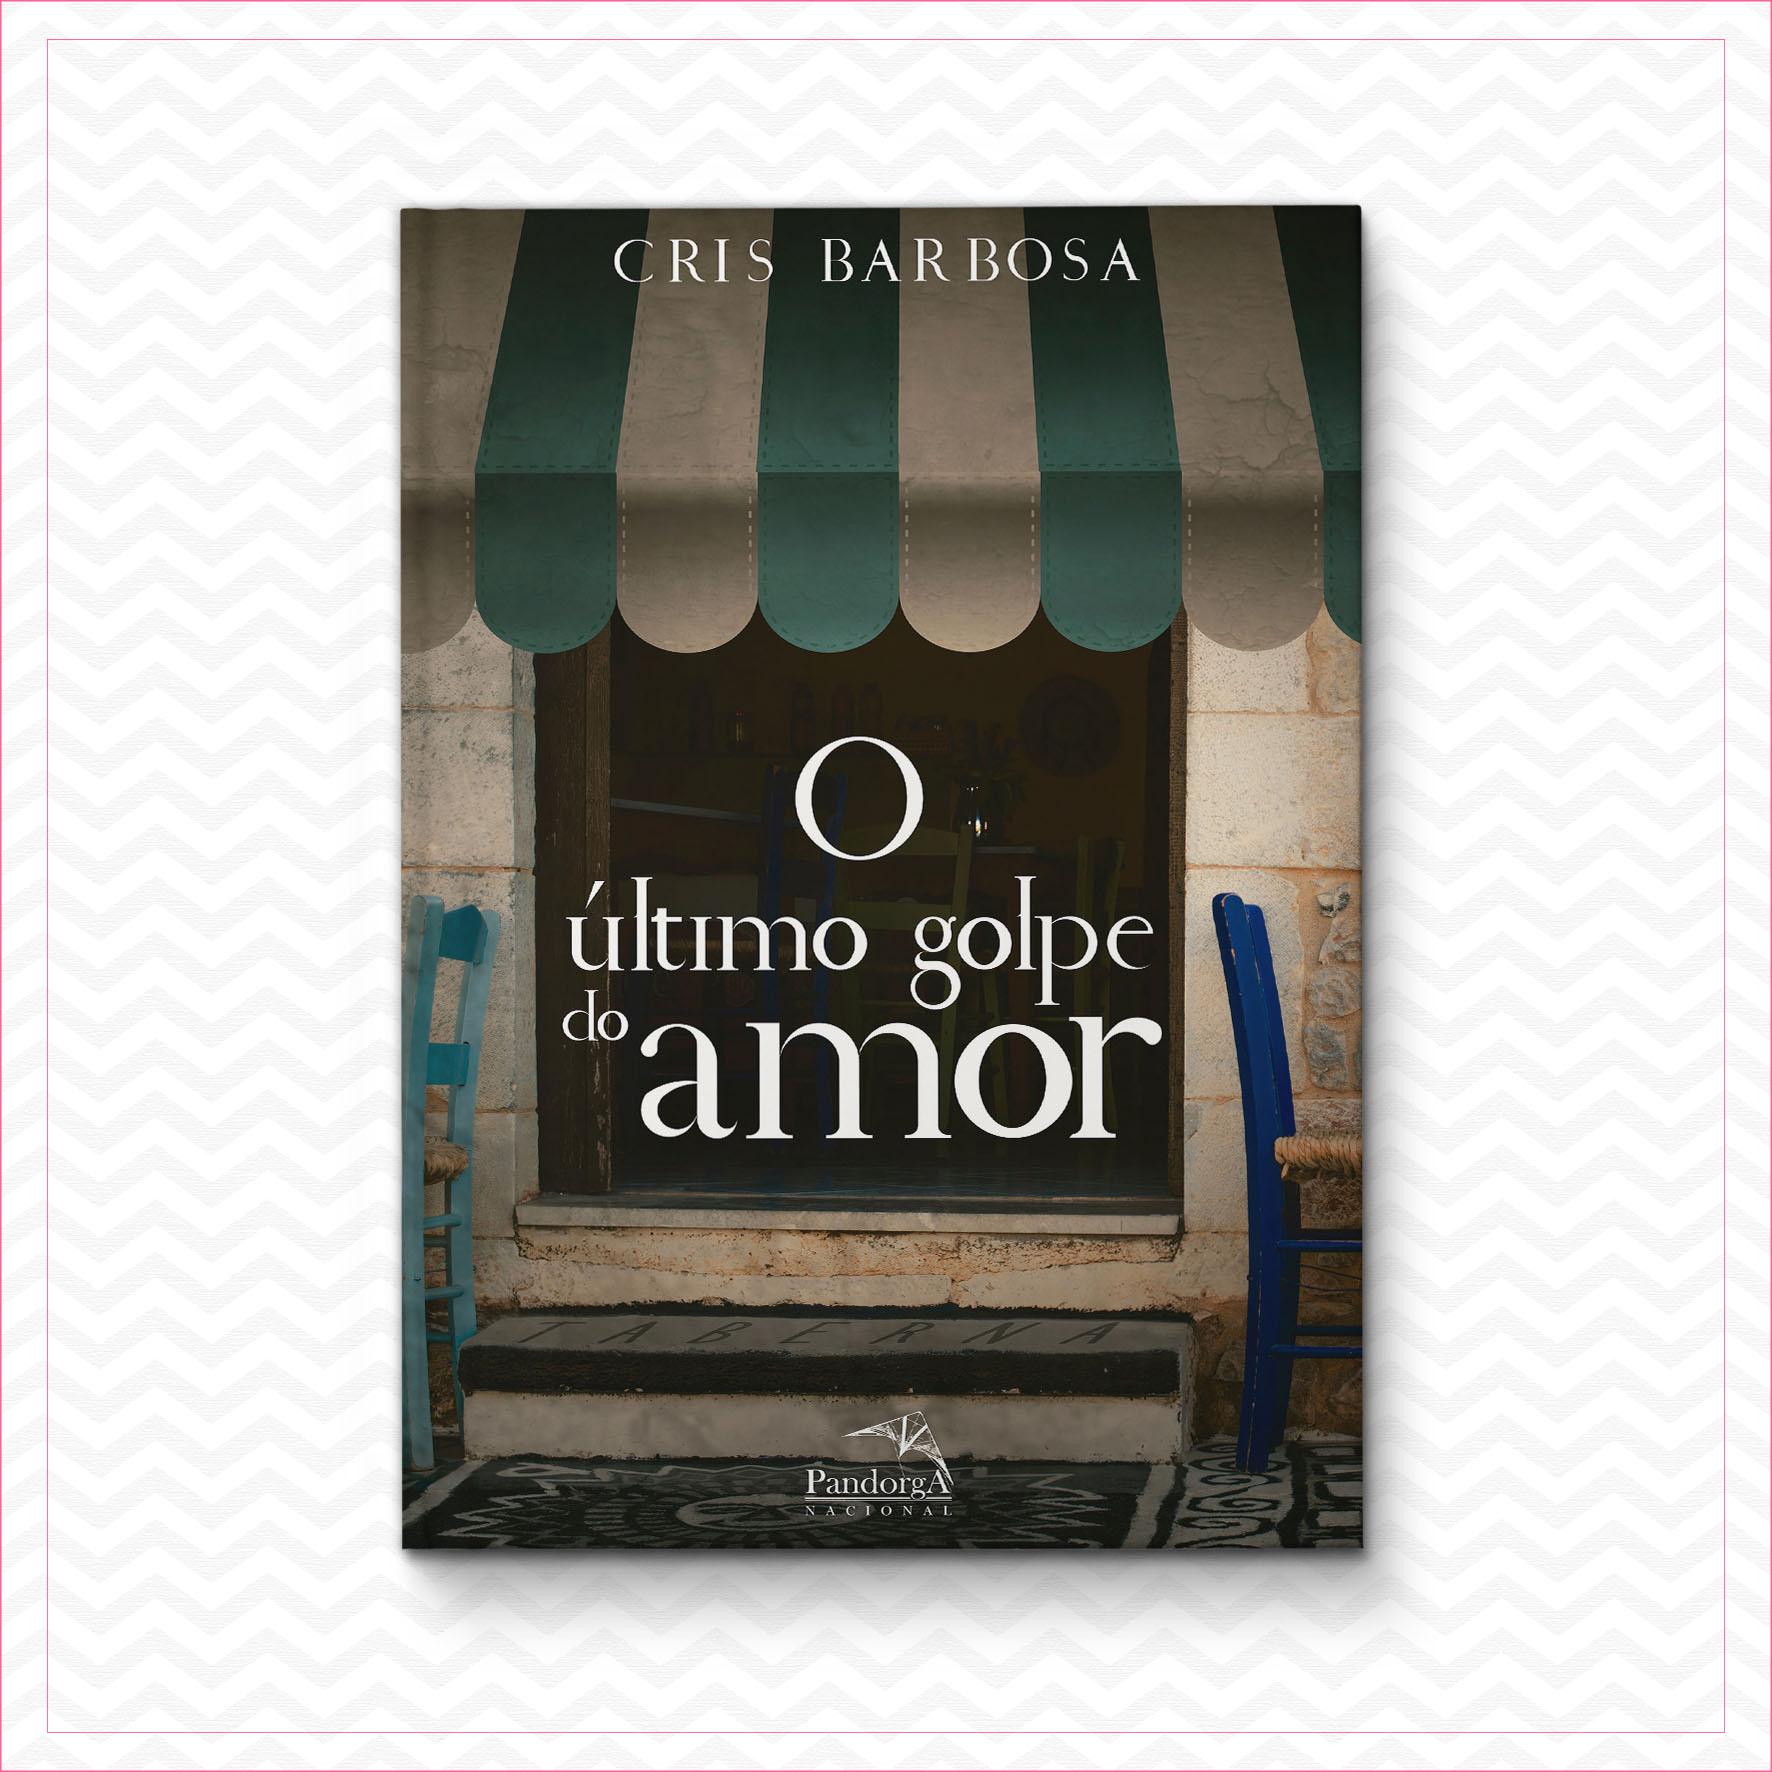 O último golpe do amor – Cris Barbosa